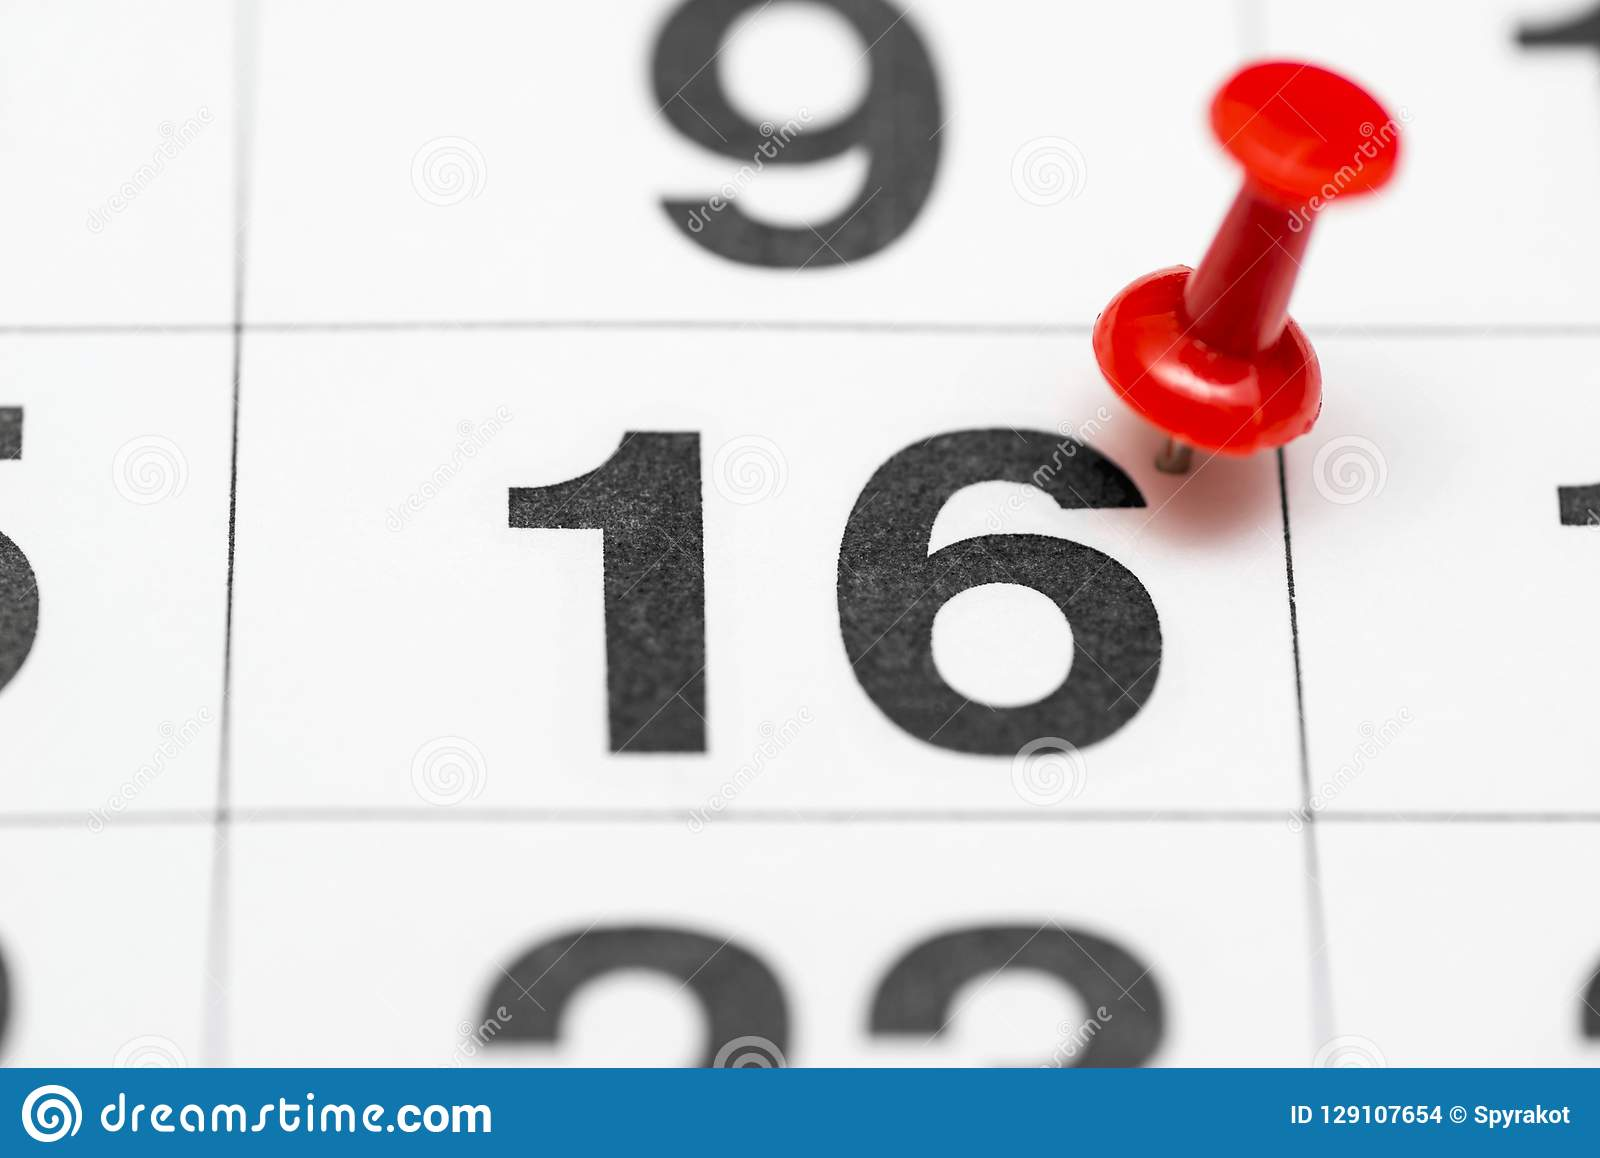 Pin auf dem Datum Nr. 16 Der zweite Tag zwanzig des Monats wird mit roten Reißzwecken markiert Pin auf Kalender